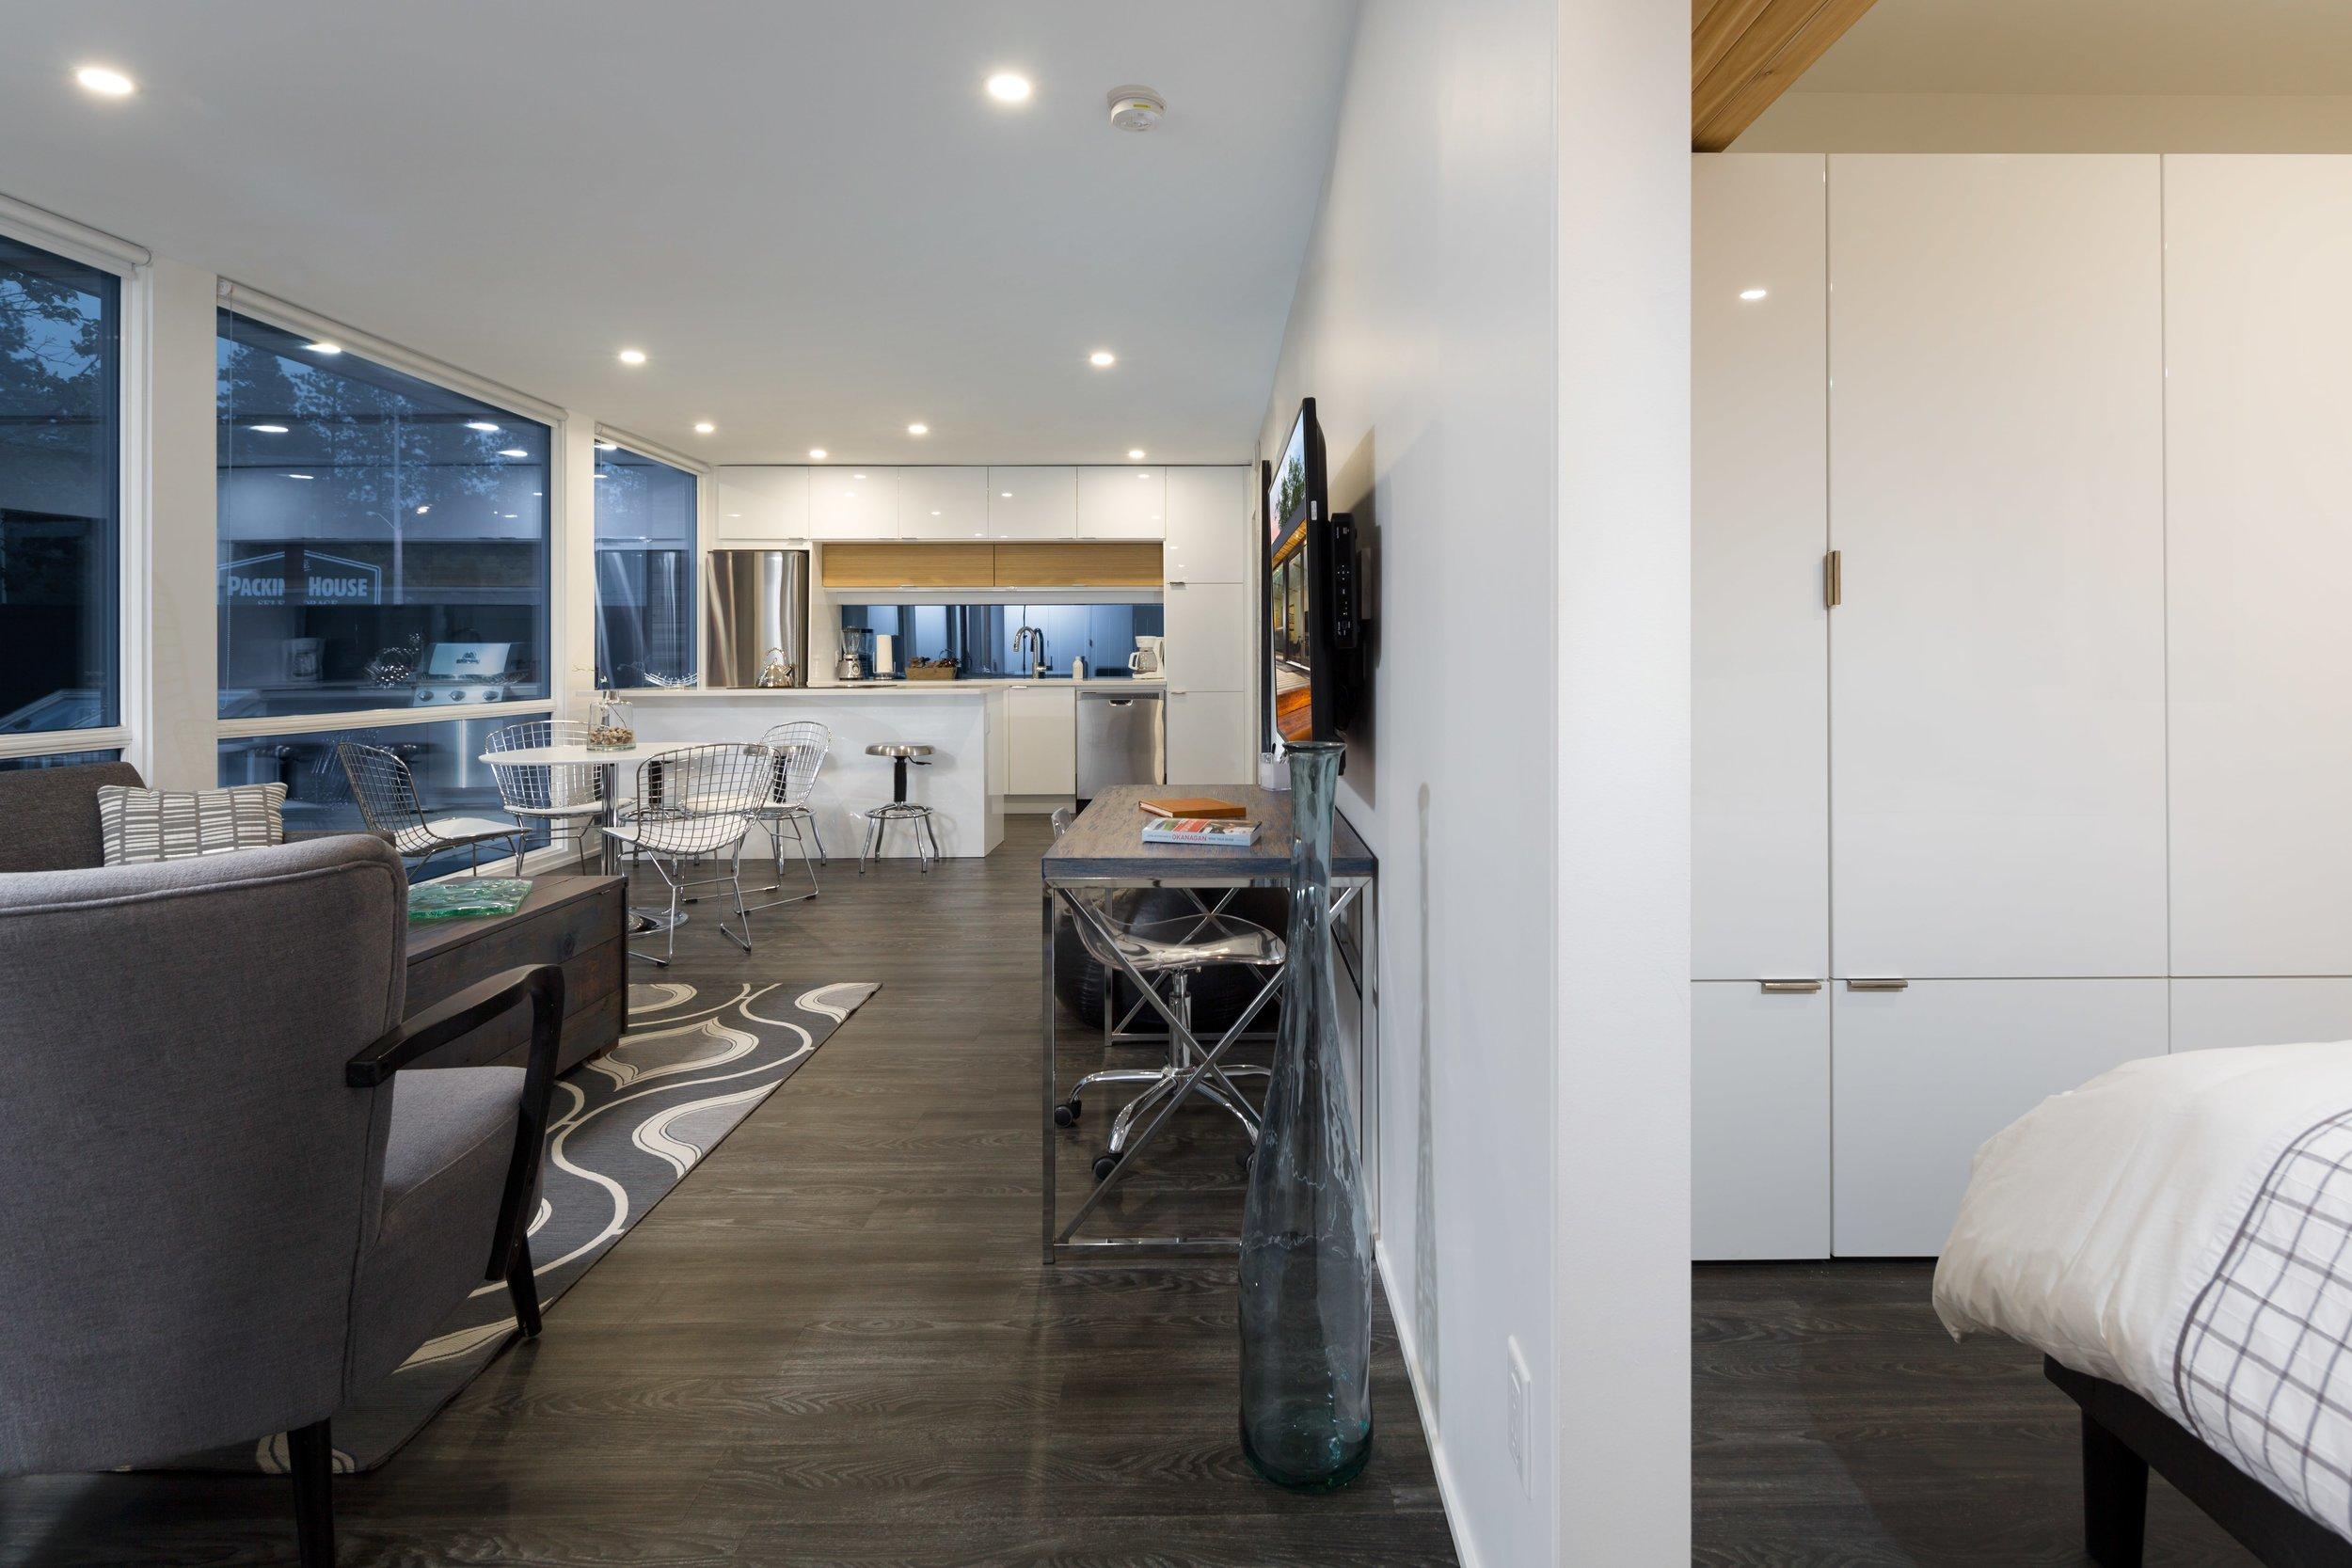 H04 2 Bed Kitchen 2-min.jpg